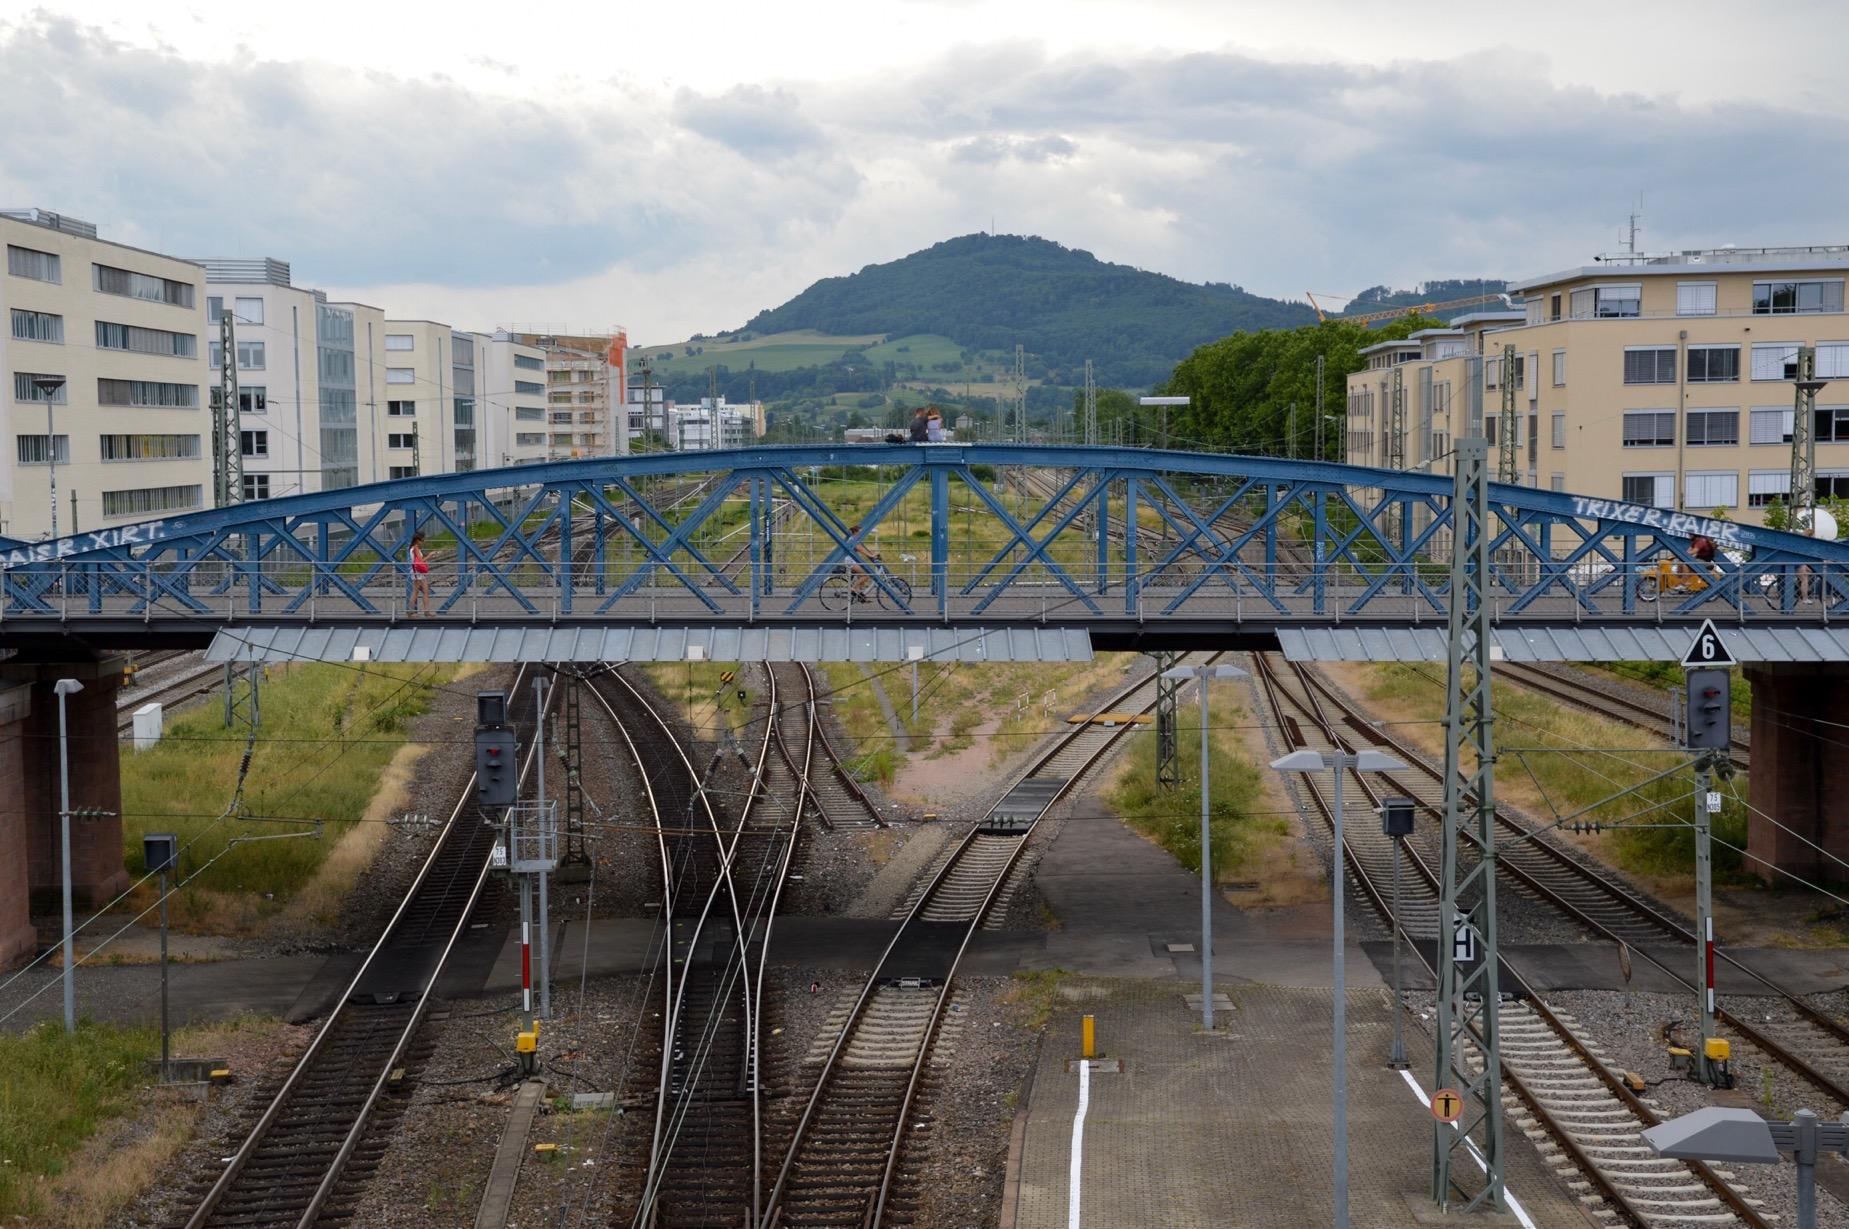 Wiwili Brücke, Freiburg, Germany